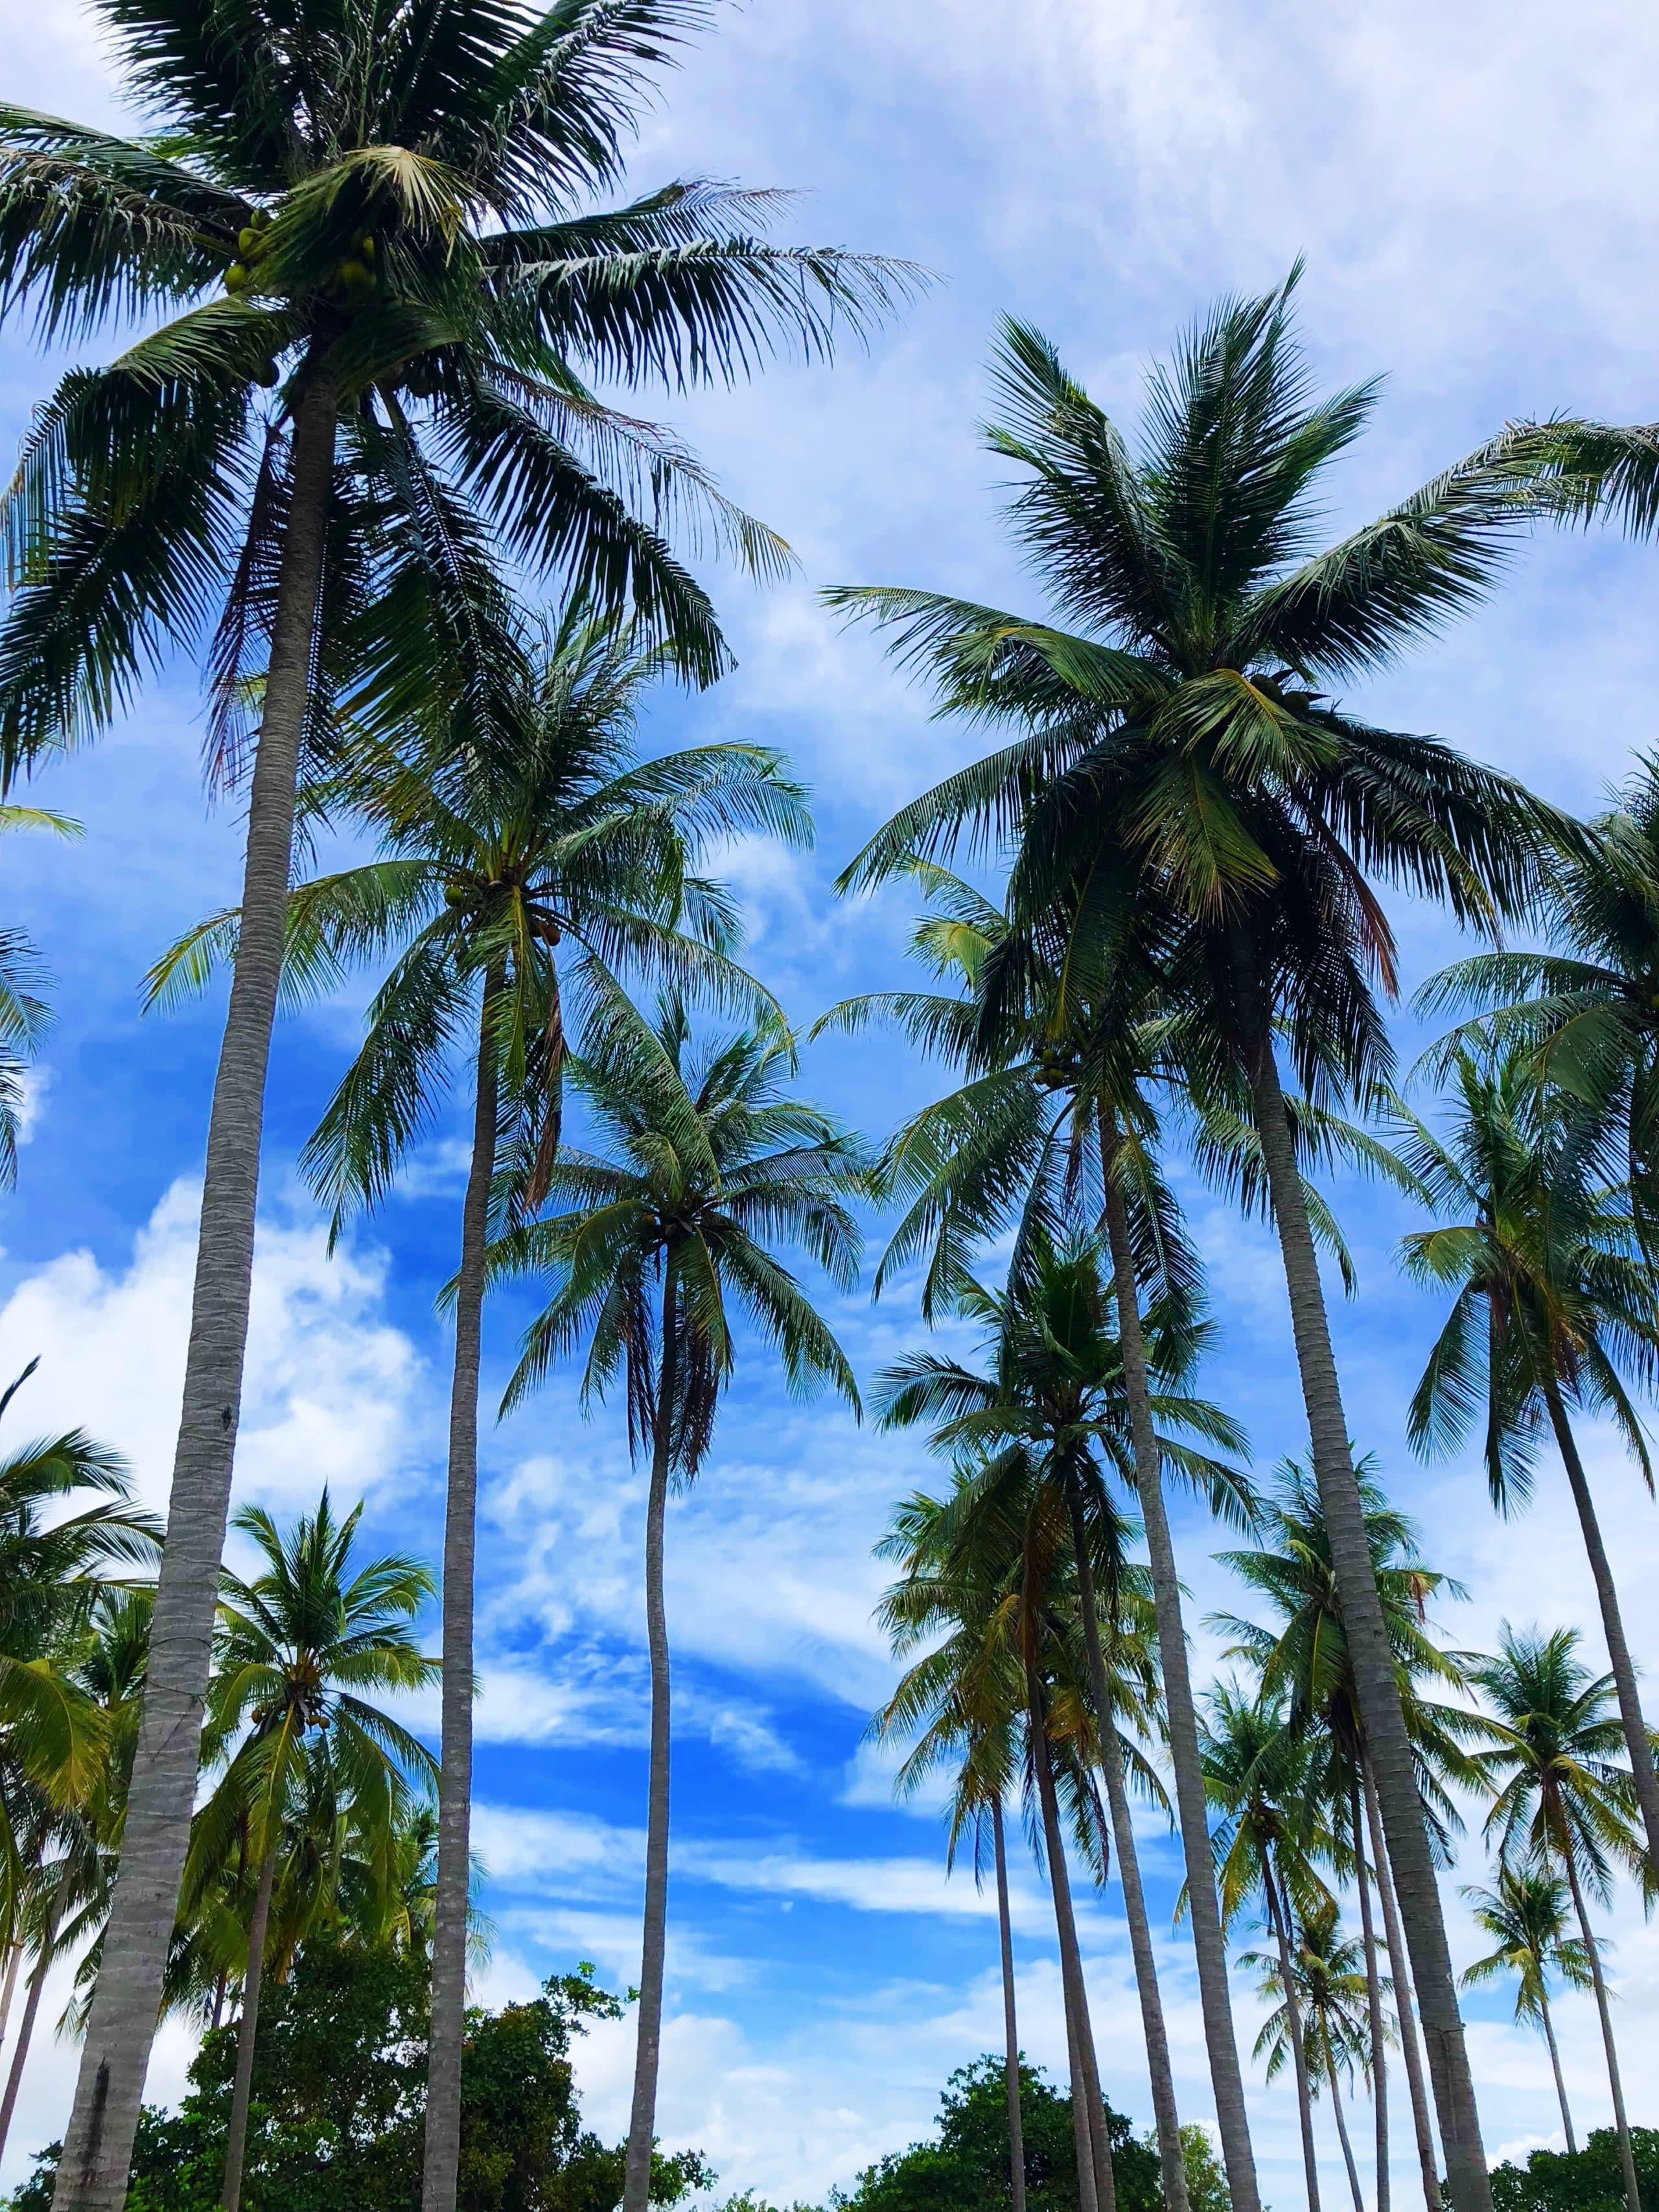 kohyaoyai-thailand-thailand tipps-koh yao yai-phuket-reiseblog thailand